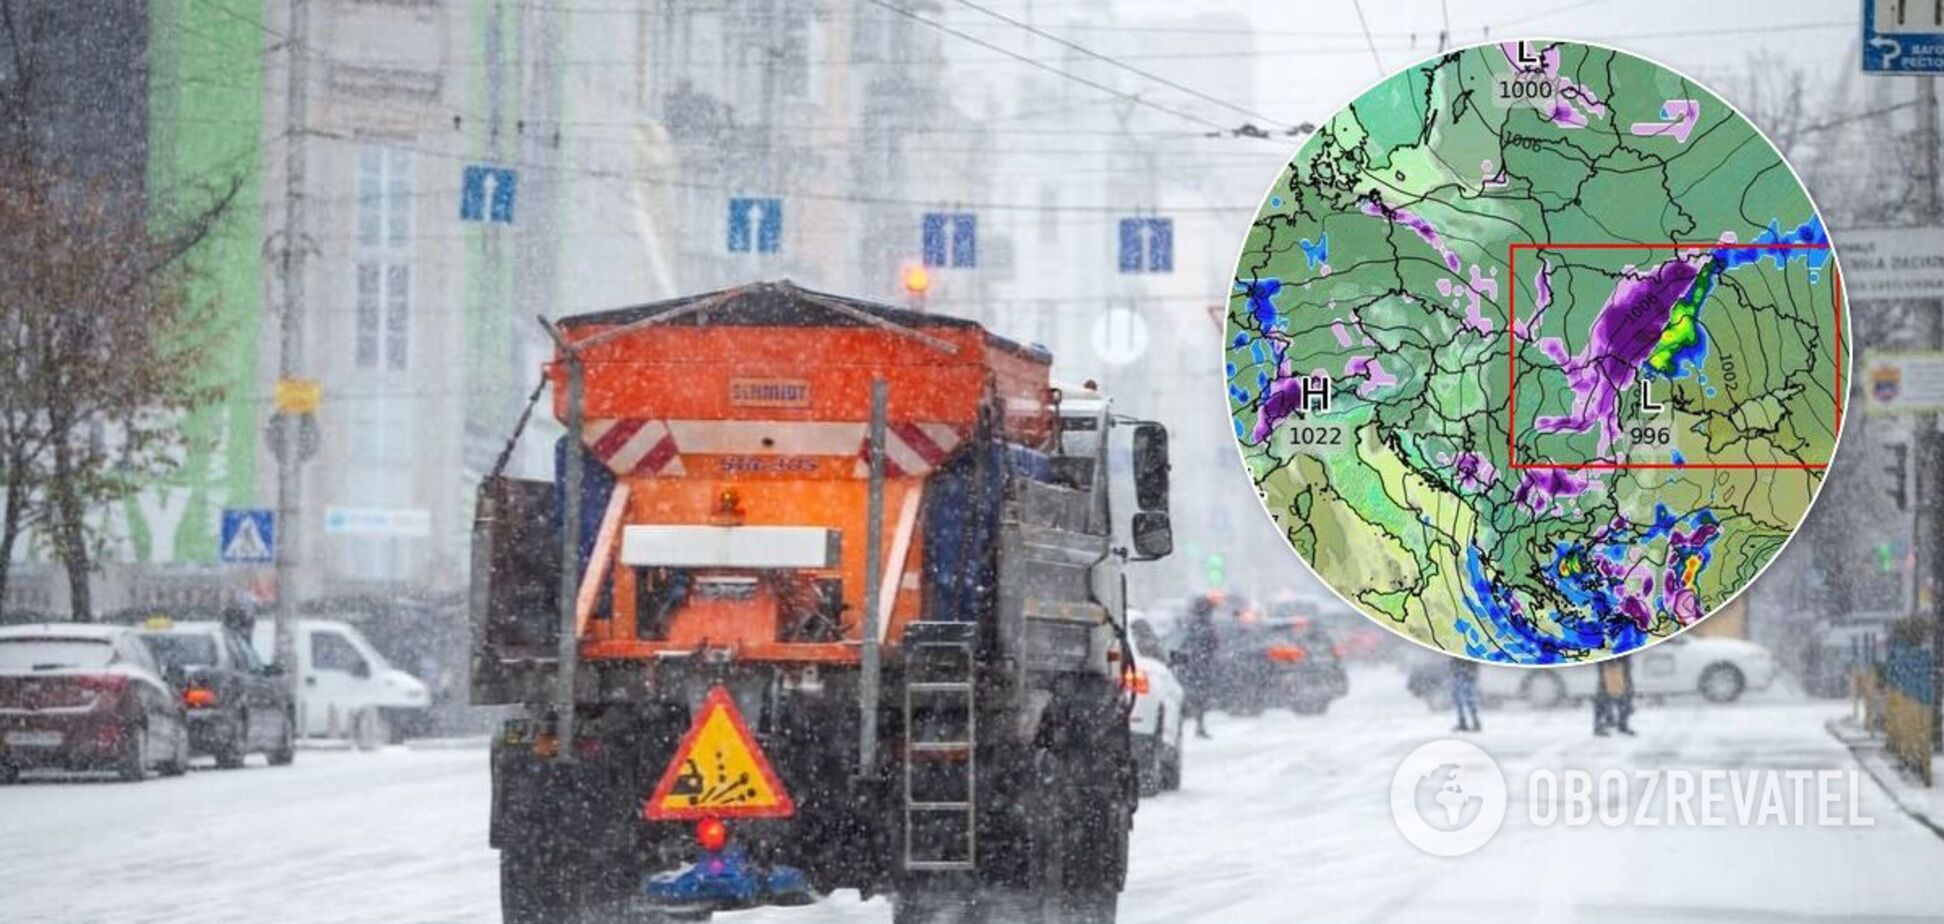 Циклон с Балкан принесет в Киев сильный снег: Диденко назвала даты